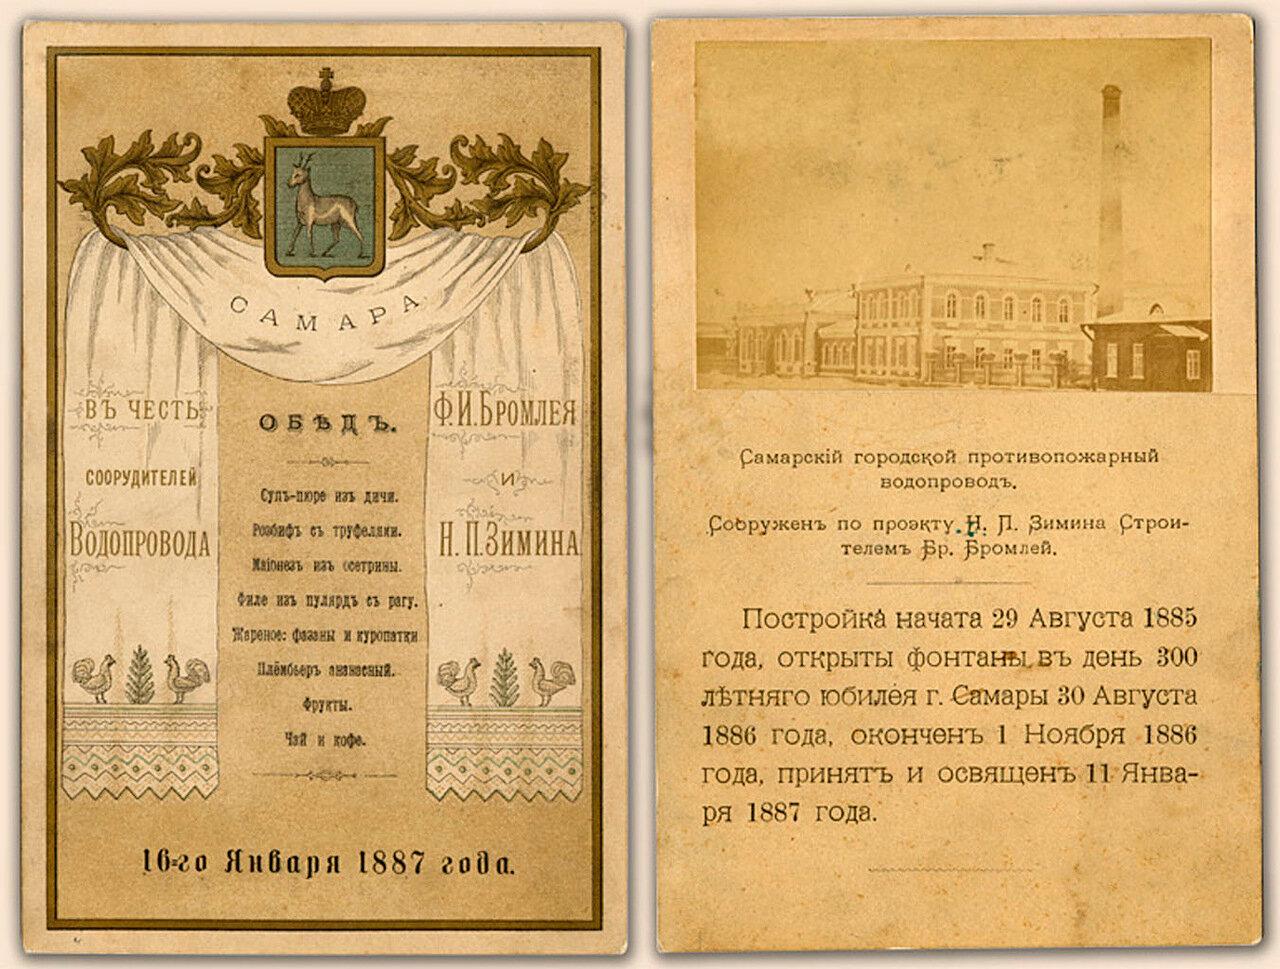 Меню обеда 16 января 1887 г. в честь соорудителей водопровода Н.П.Зимина и Ф.И.Бромлея